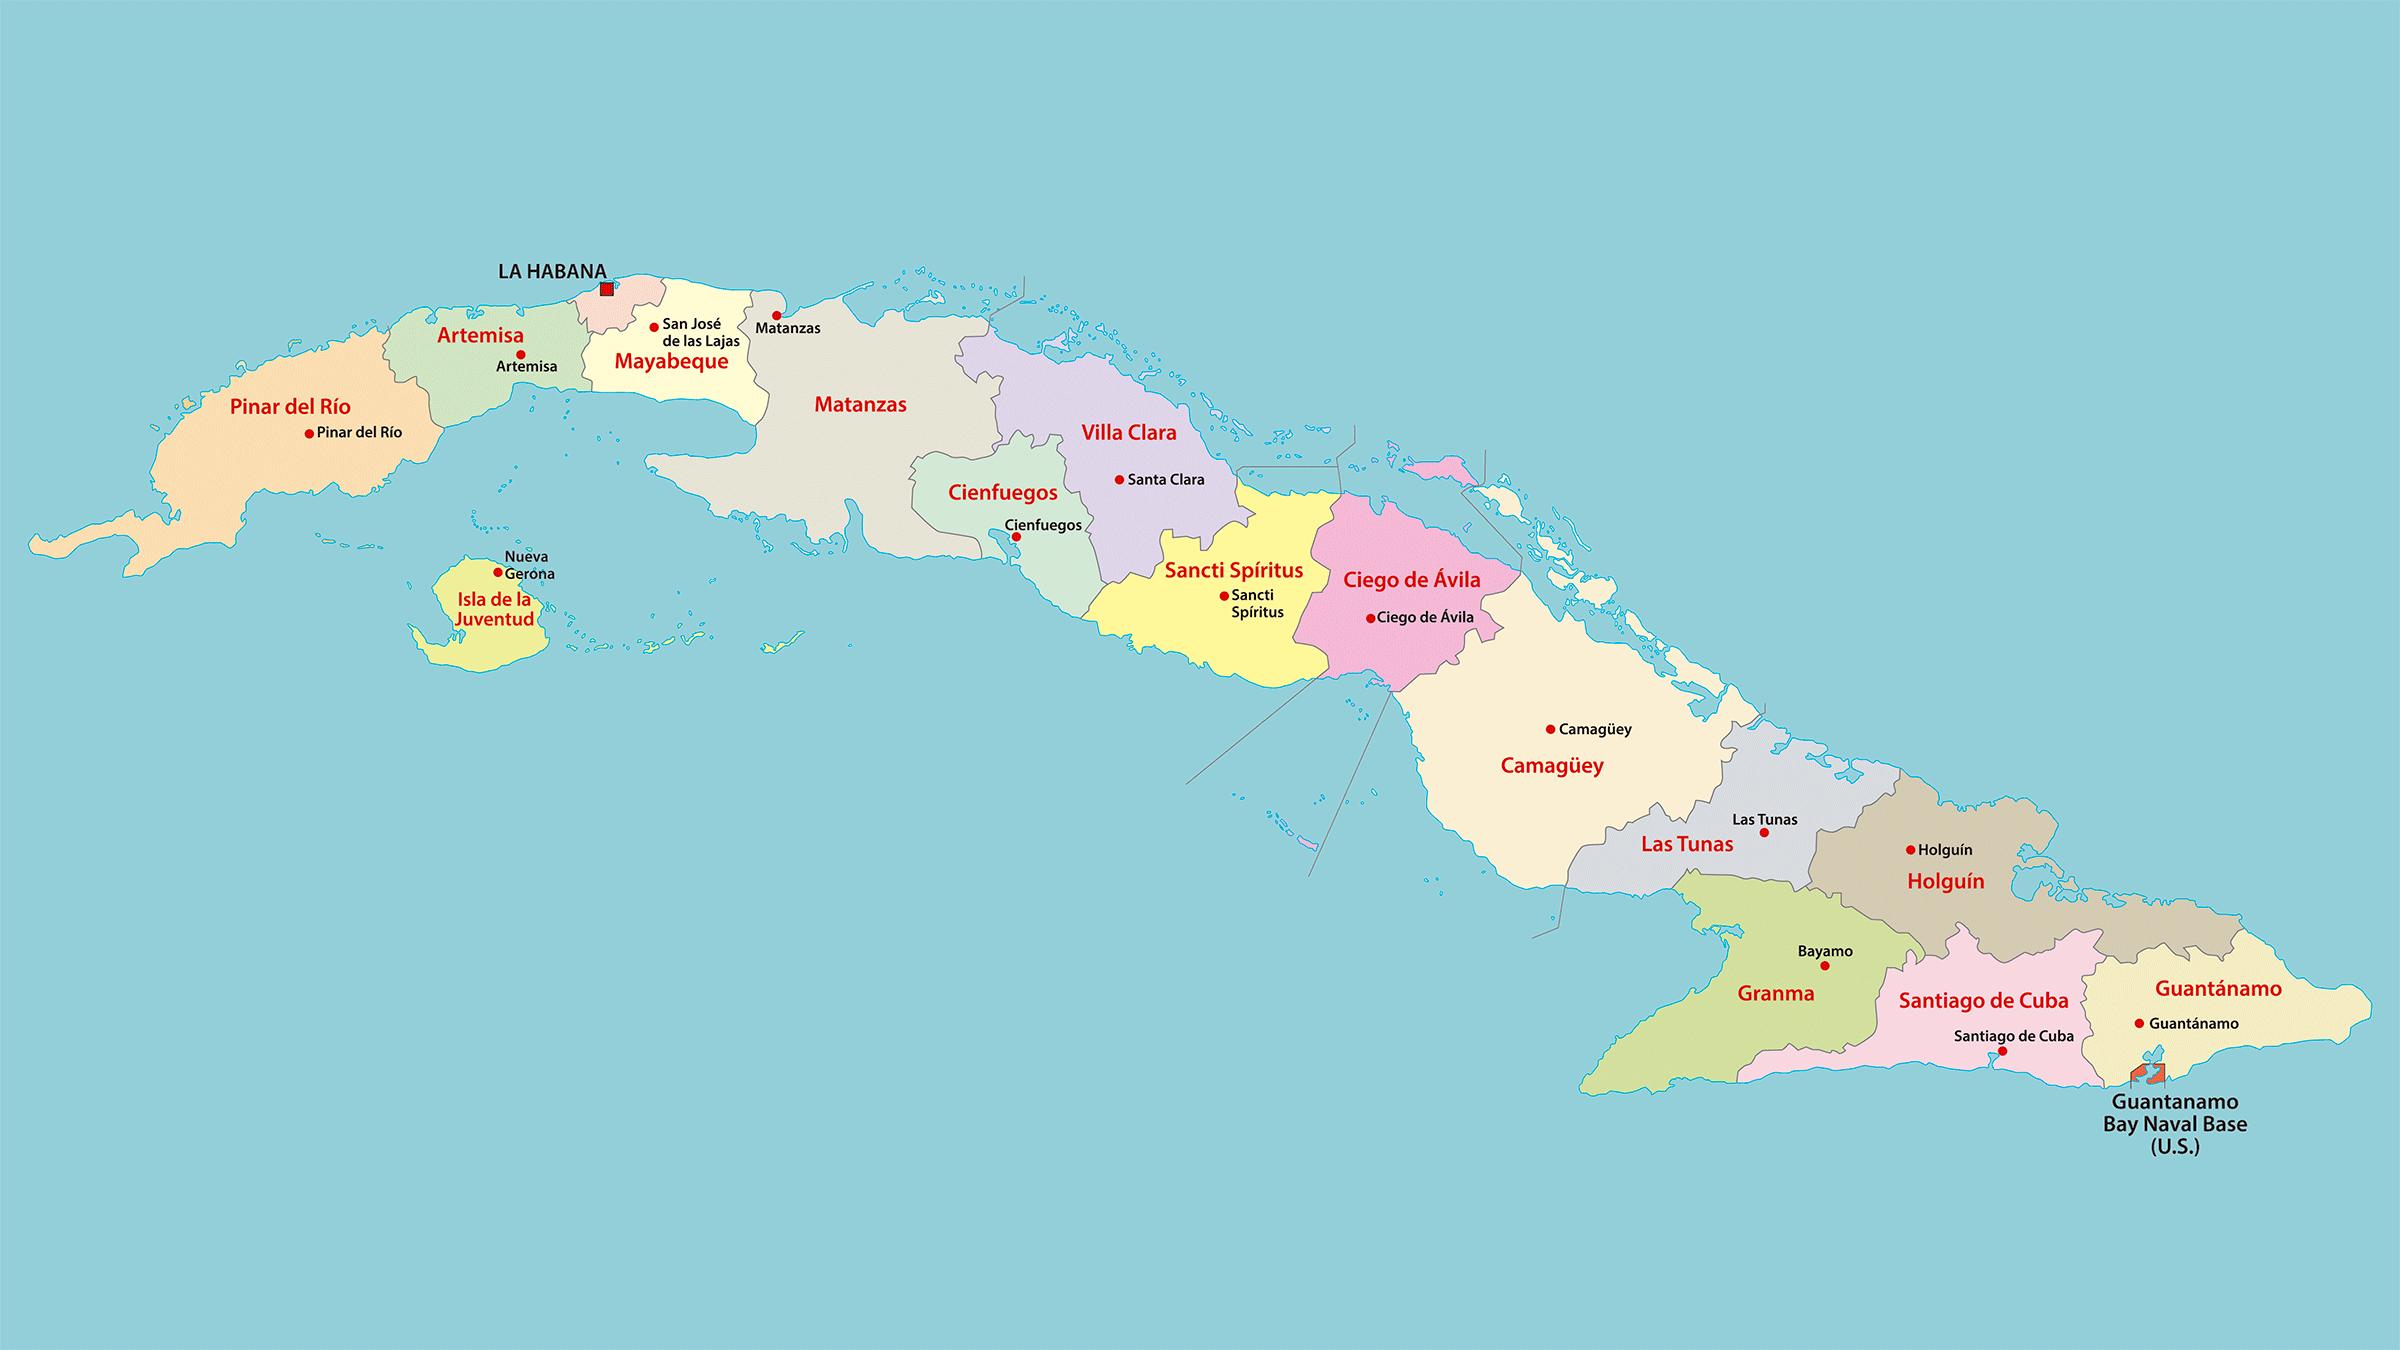 Cuba Mapa Del Mundo.Https Www Viajejet Com Wp Content Viajes Mapa Politico De Cuba Jpg Map Vintage Posters Cuba